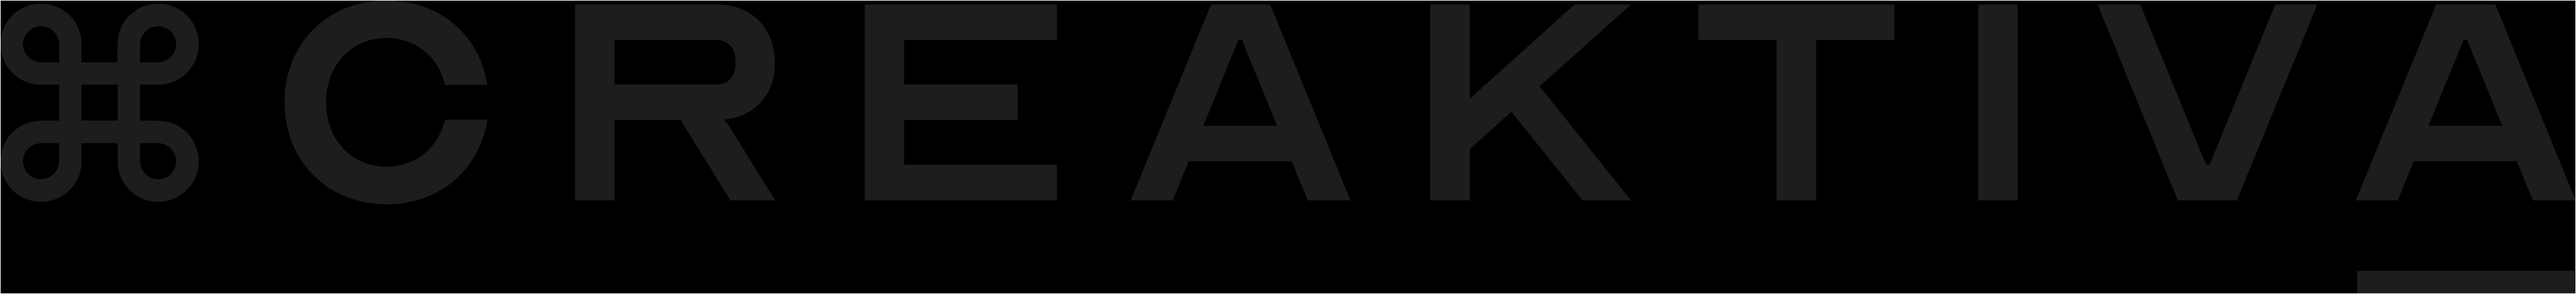 Desarrollo Web, Tiendas Online, Diseño Gráfico - Creaktiva logo